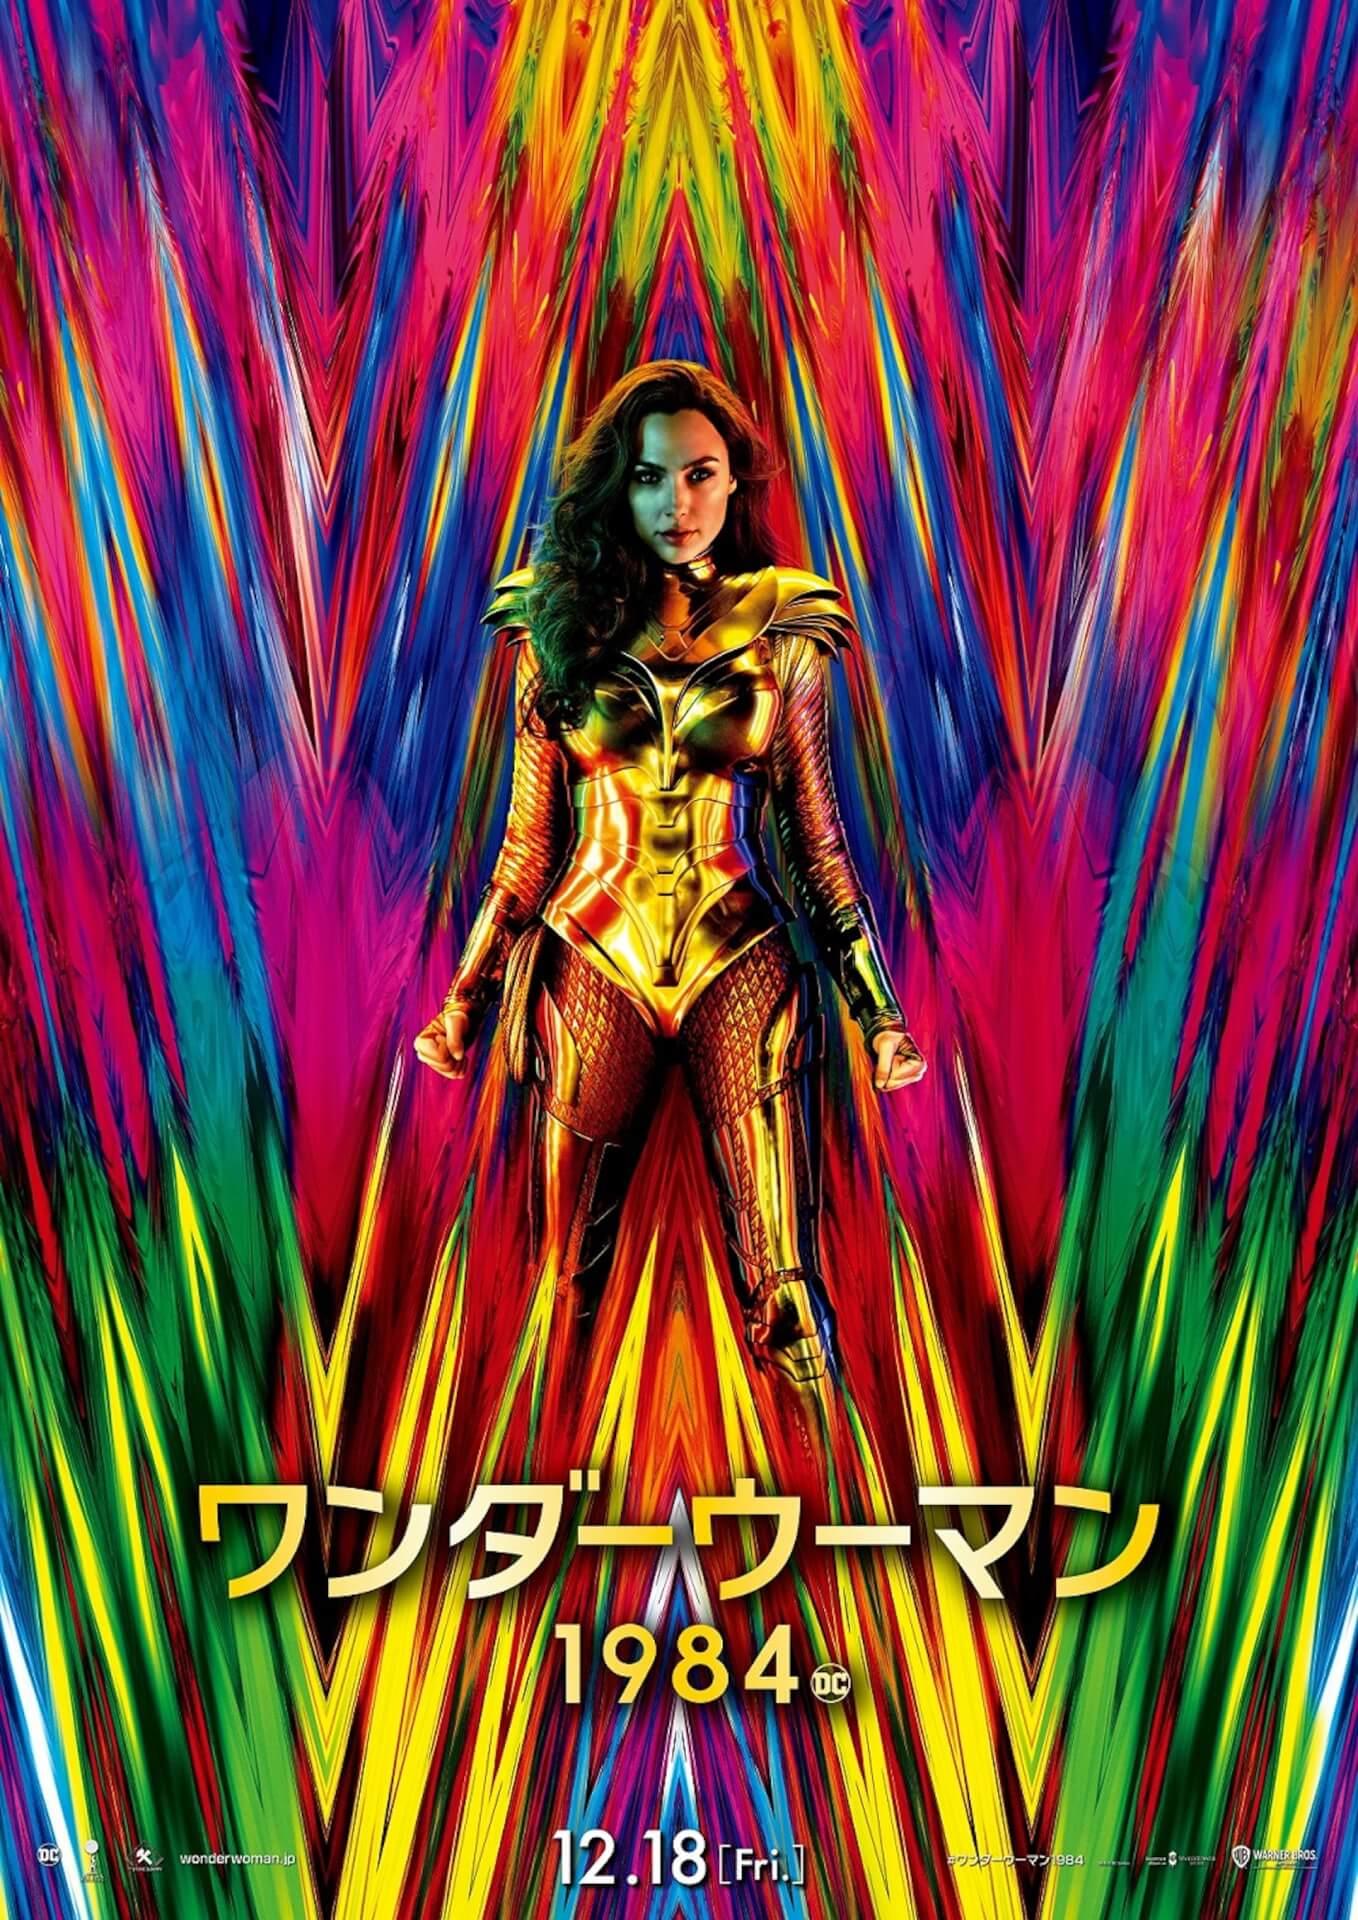 『ワンダーウーマン 1984』主演ガル・ガドットが激白!最強のスーパーヒーロー・ワンダーウーマンの意外な弱点とは? film201124-wonderwoman_03